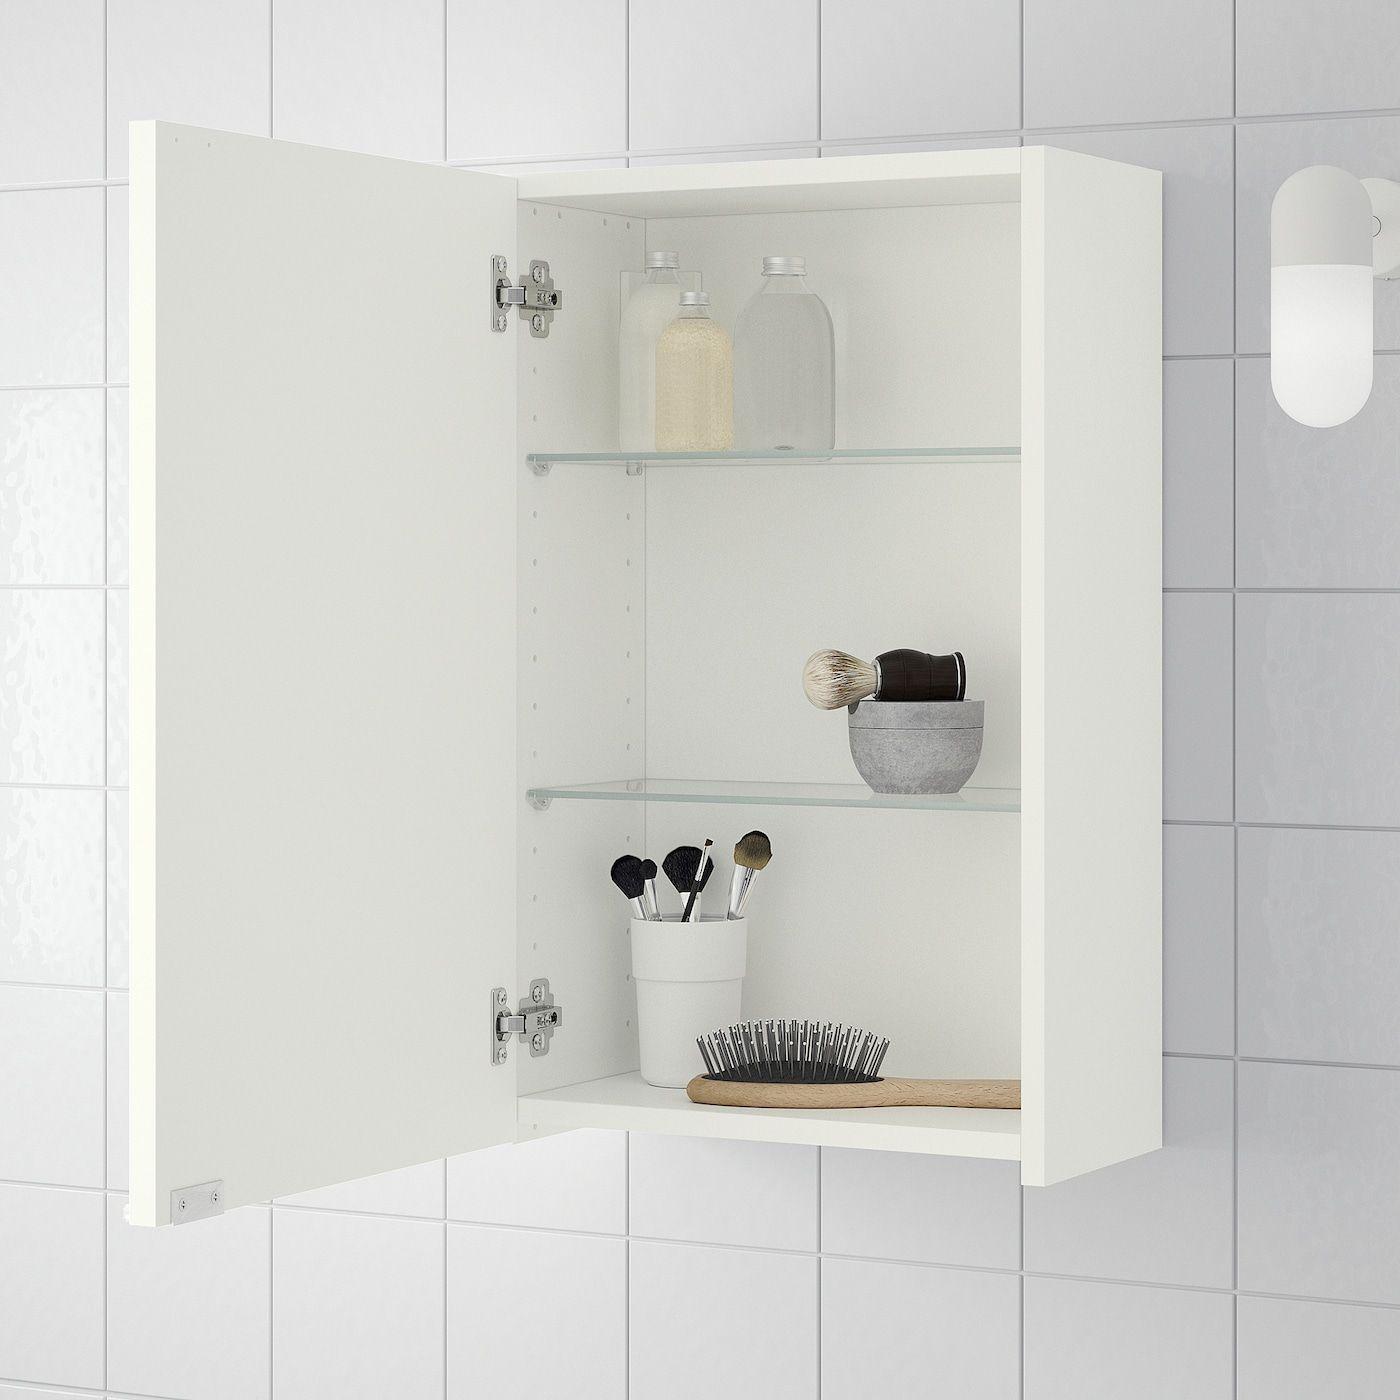 Ikea Lillangen Wall Cabinet White In 2020 Bathroom Wall Cabinets Small Bathroom Wall Cabinet Mirror Cabinets